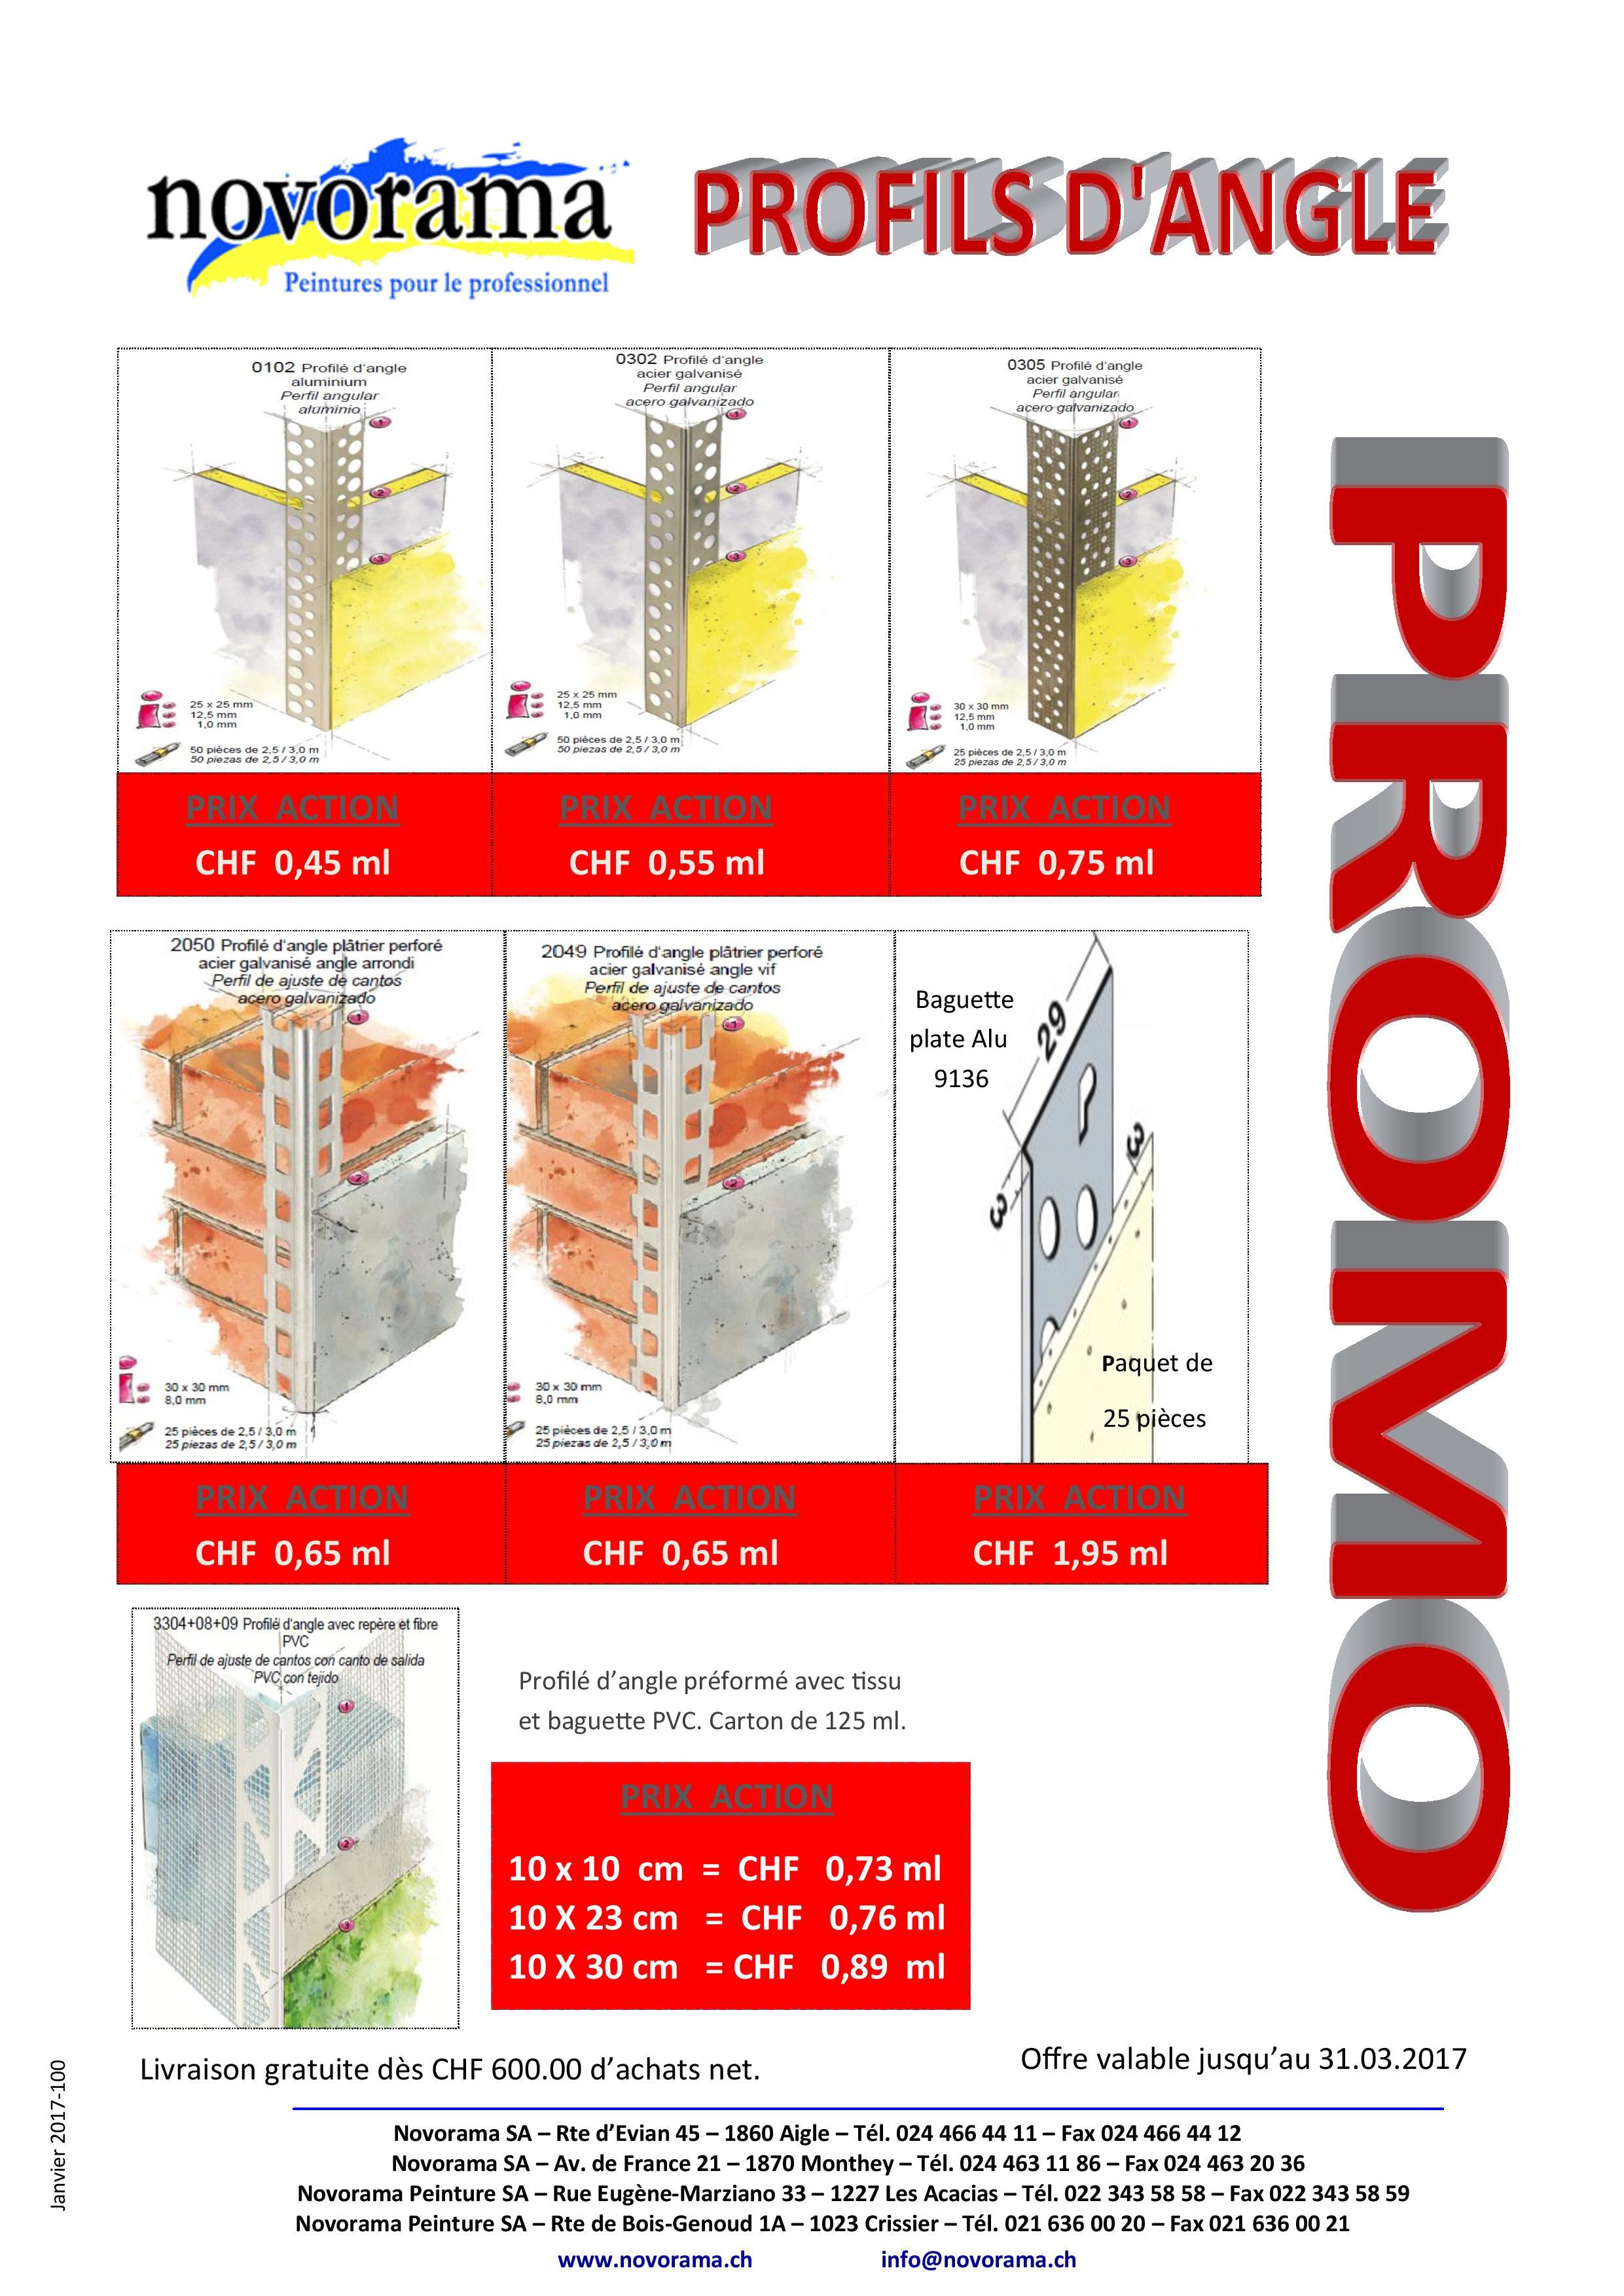 promoplatriersjanvier2017-page-001